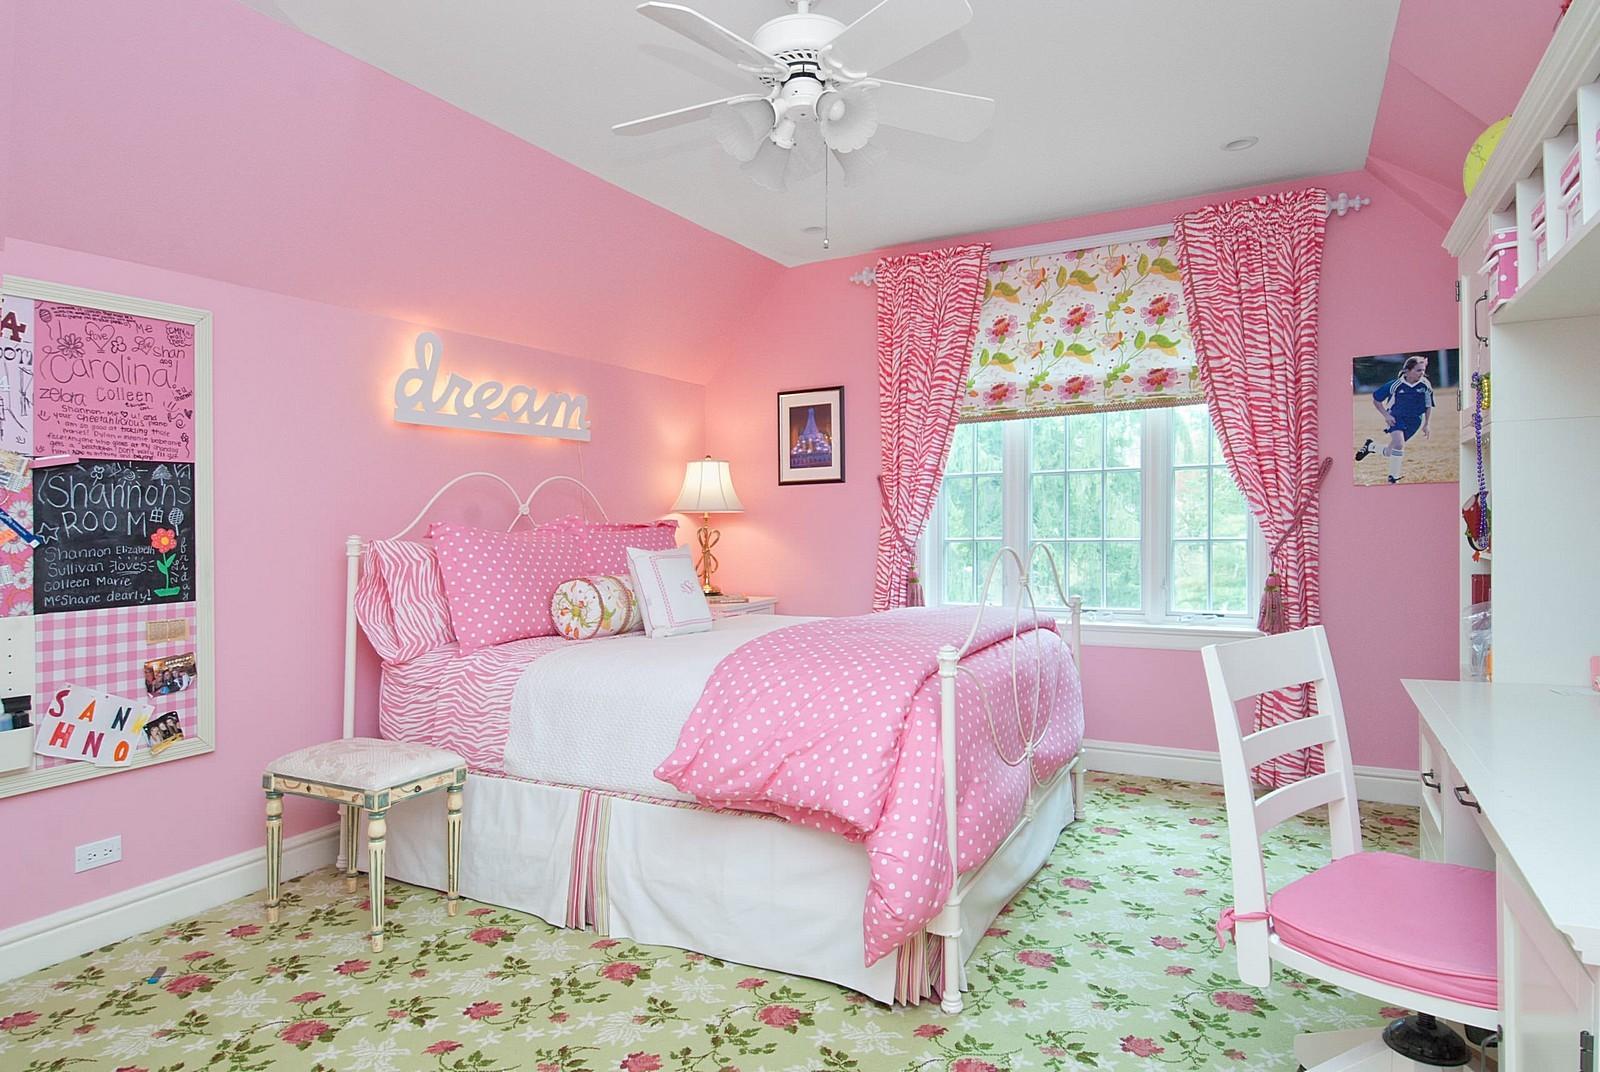 بالصور غرف نوم باللون الوردي-غرفة نوم وردي بسيطة